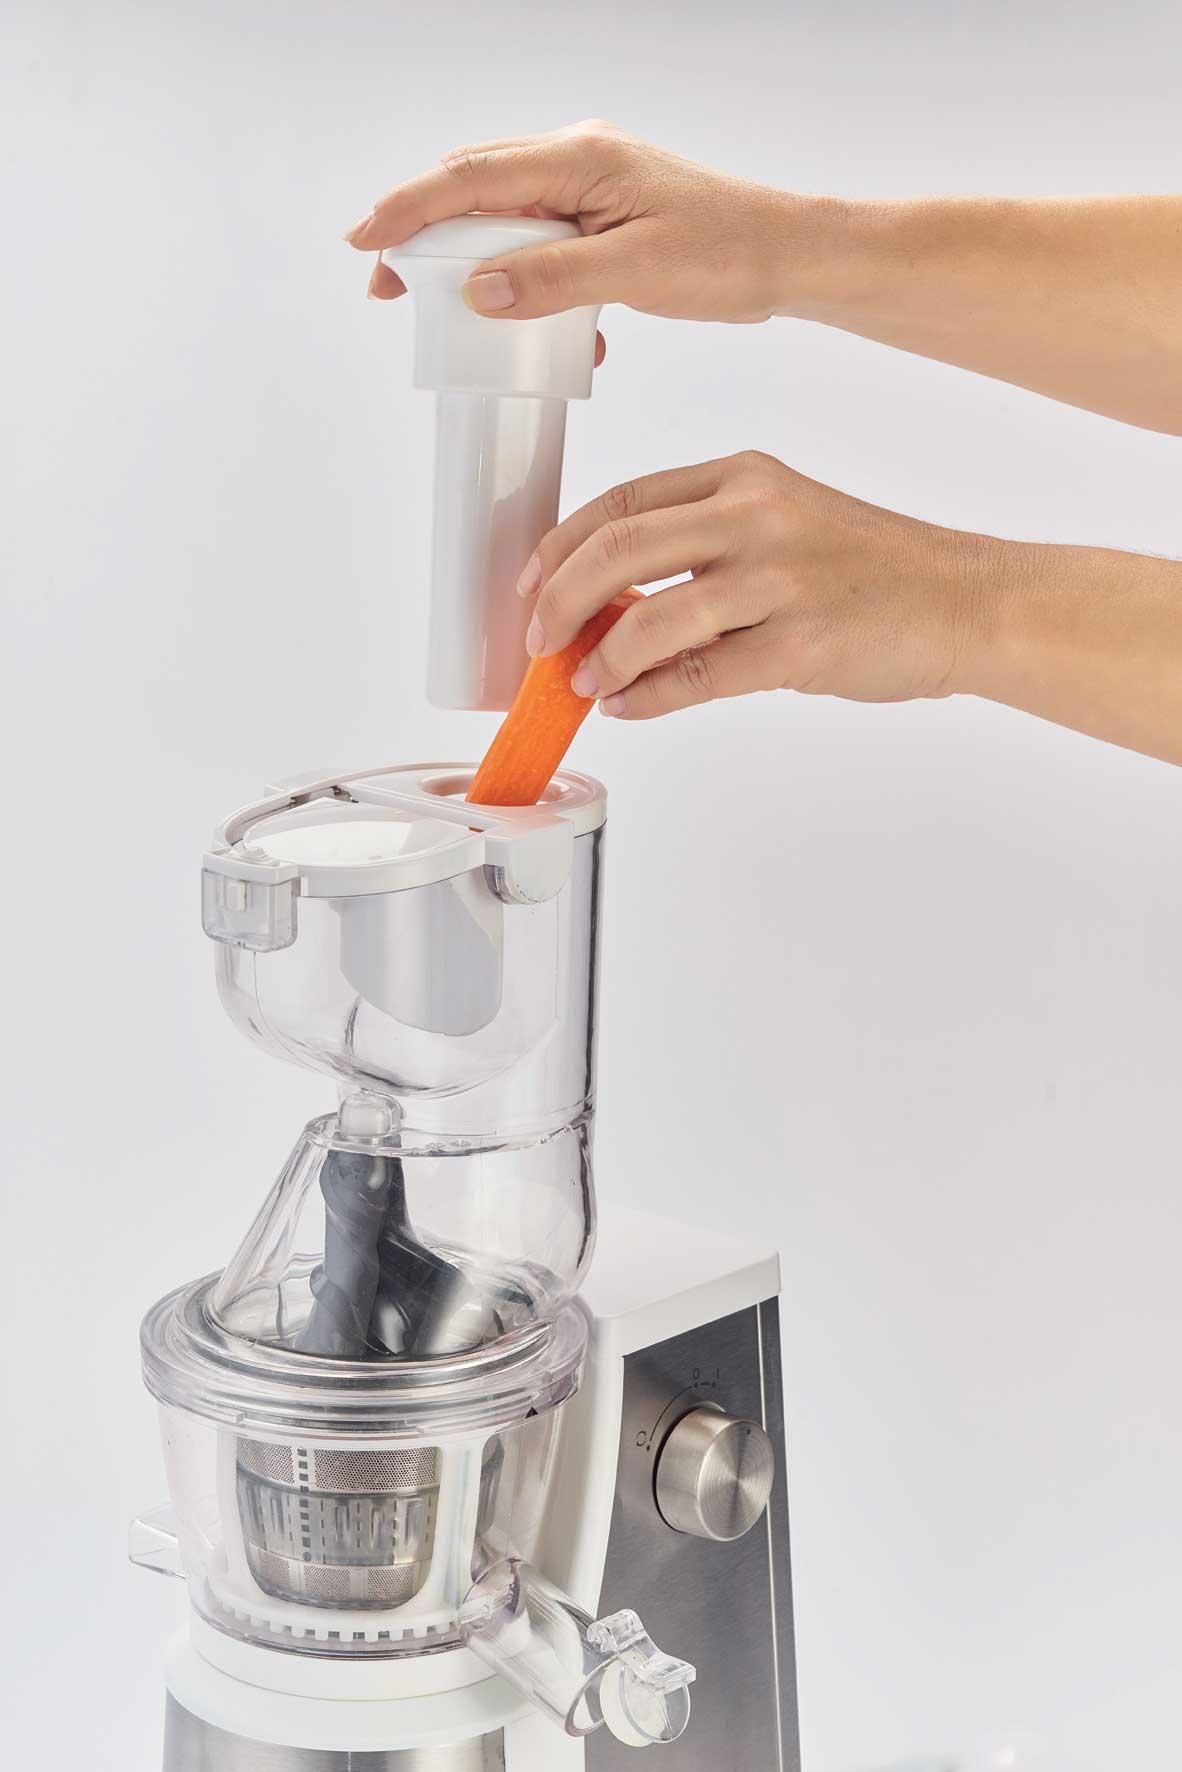 Cucina Slow Juicer Review : Centrika Slow Juicer Metal - Un occasione al giorno Piccoli elettrodomestici